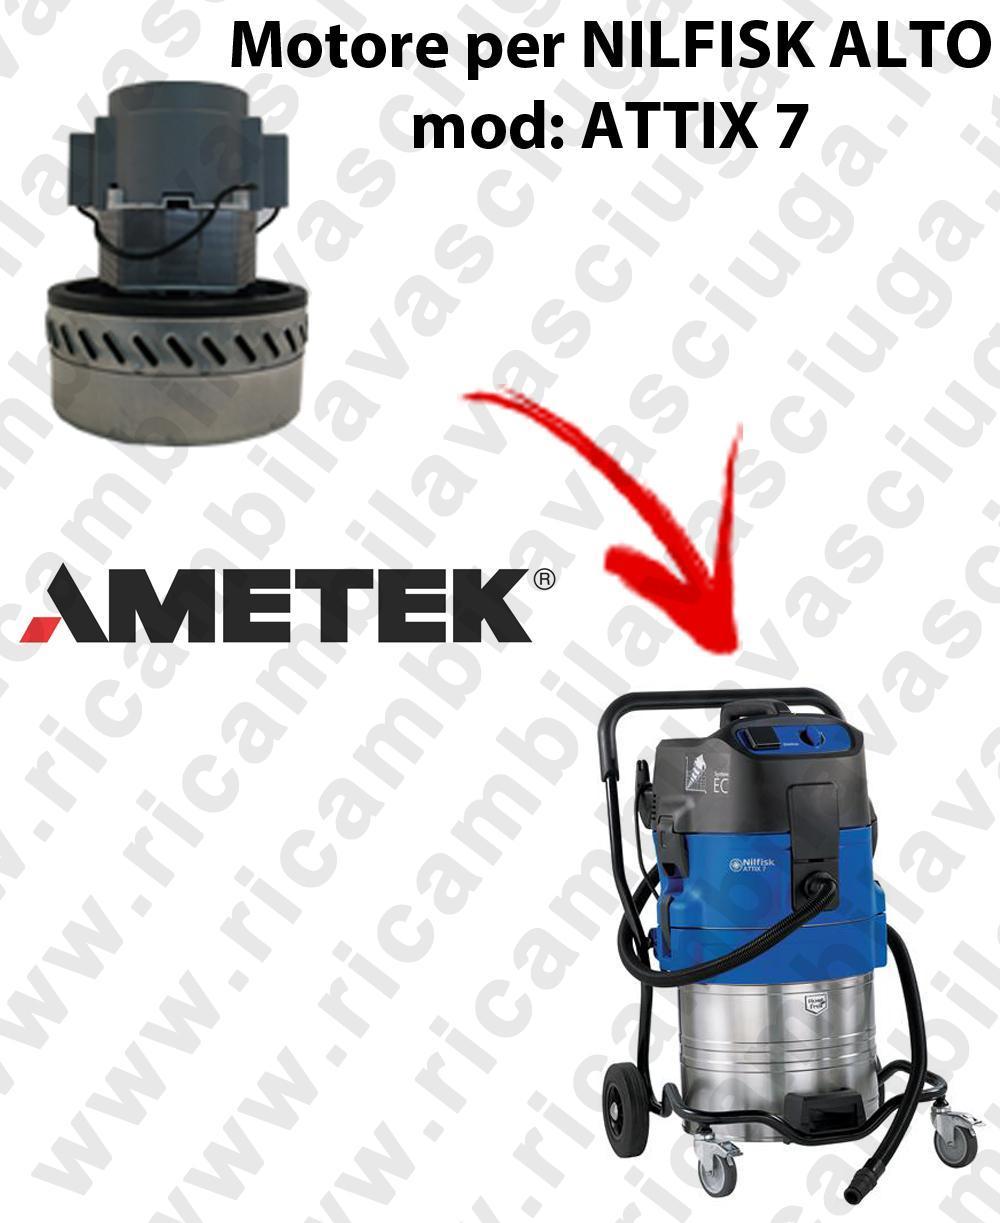 ATTIX 7 Motore de aspiración AMETEK  para aspiradora NILFISK ALTO